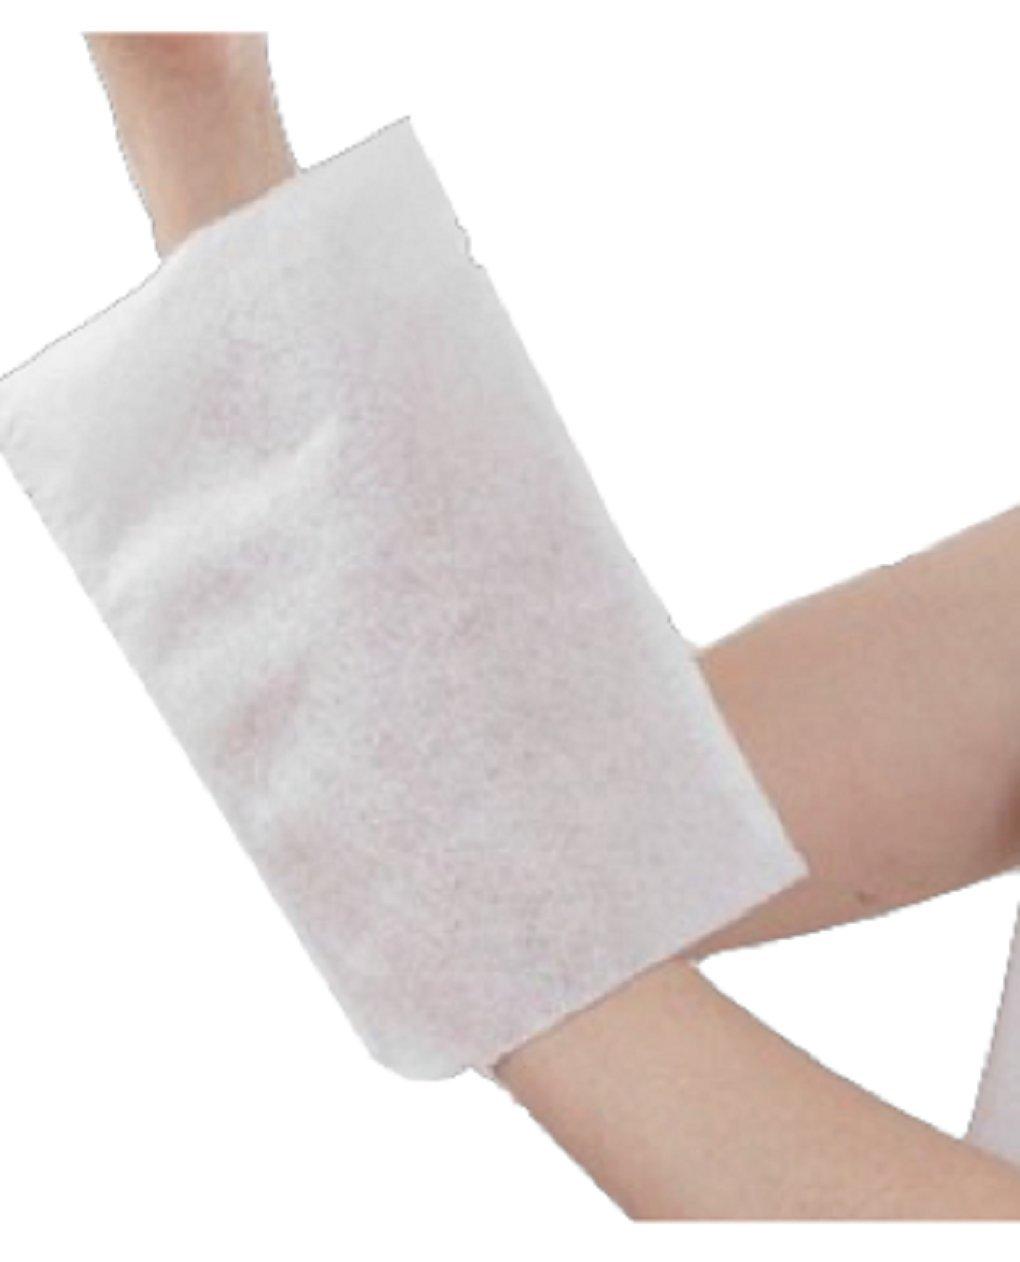 Guanto da bagno, per uso unico Sterilizzabile Non tessuto felpato, 75 g/m², 230 x 160 mm, lotto di 3 confezioni da 50 dac